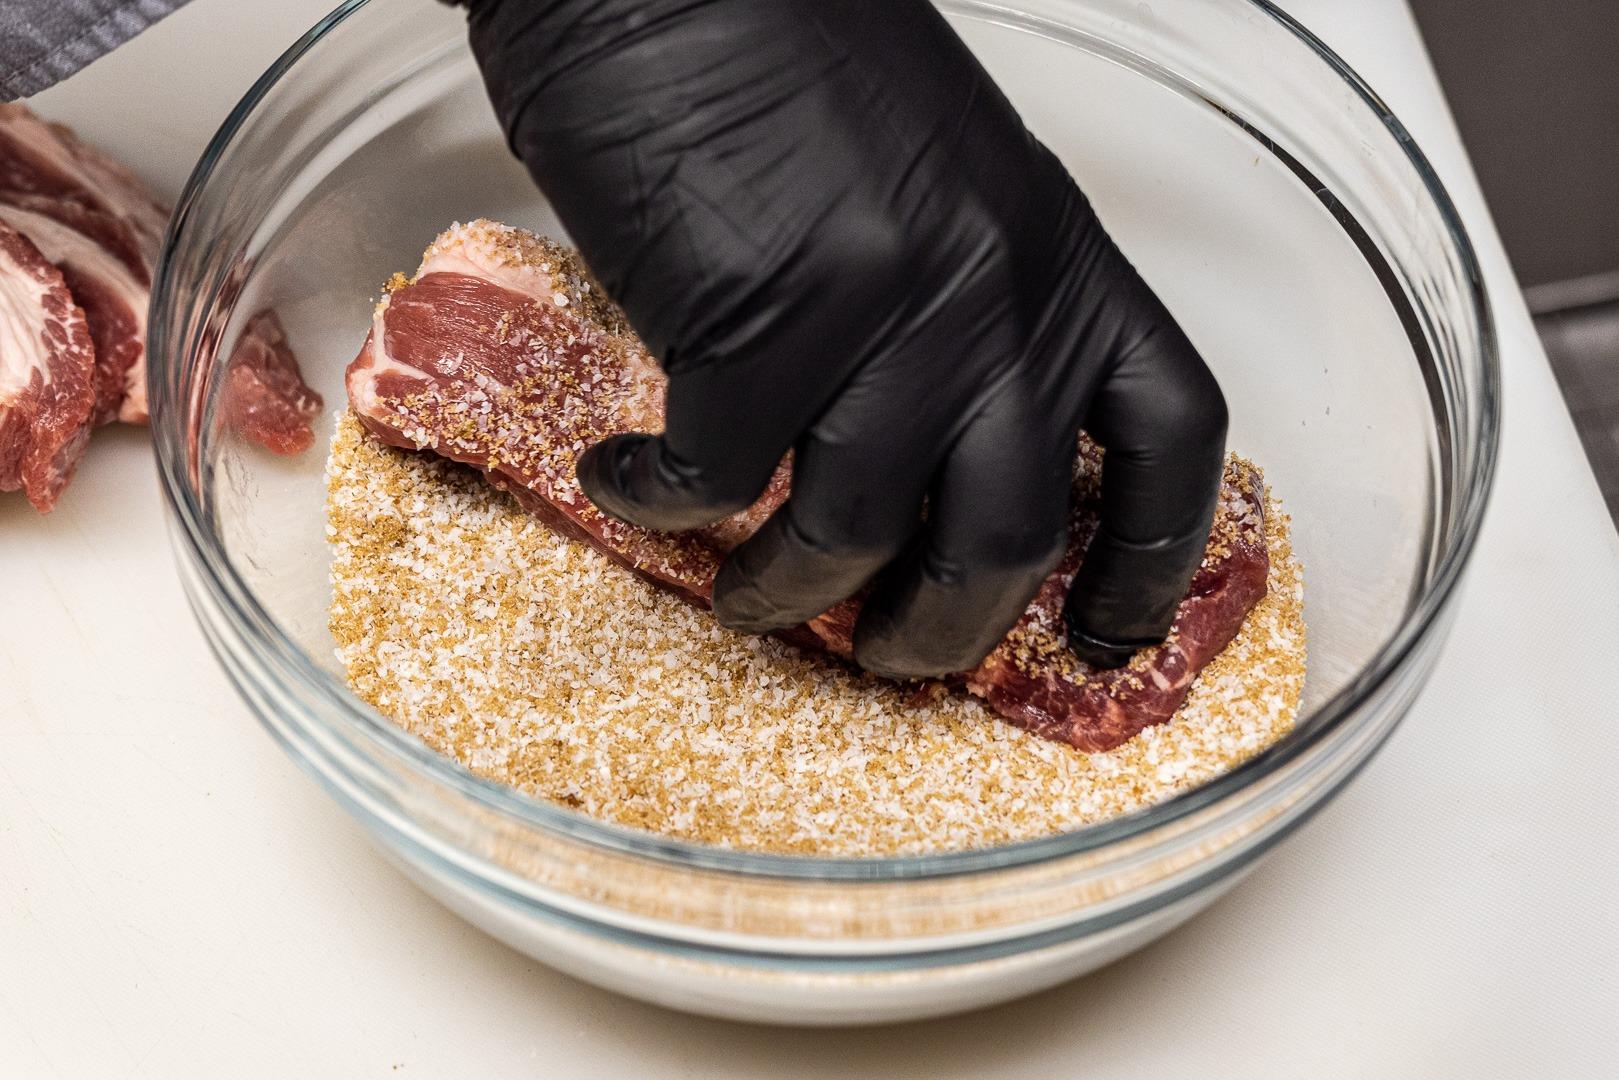 dredging pork in cure